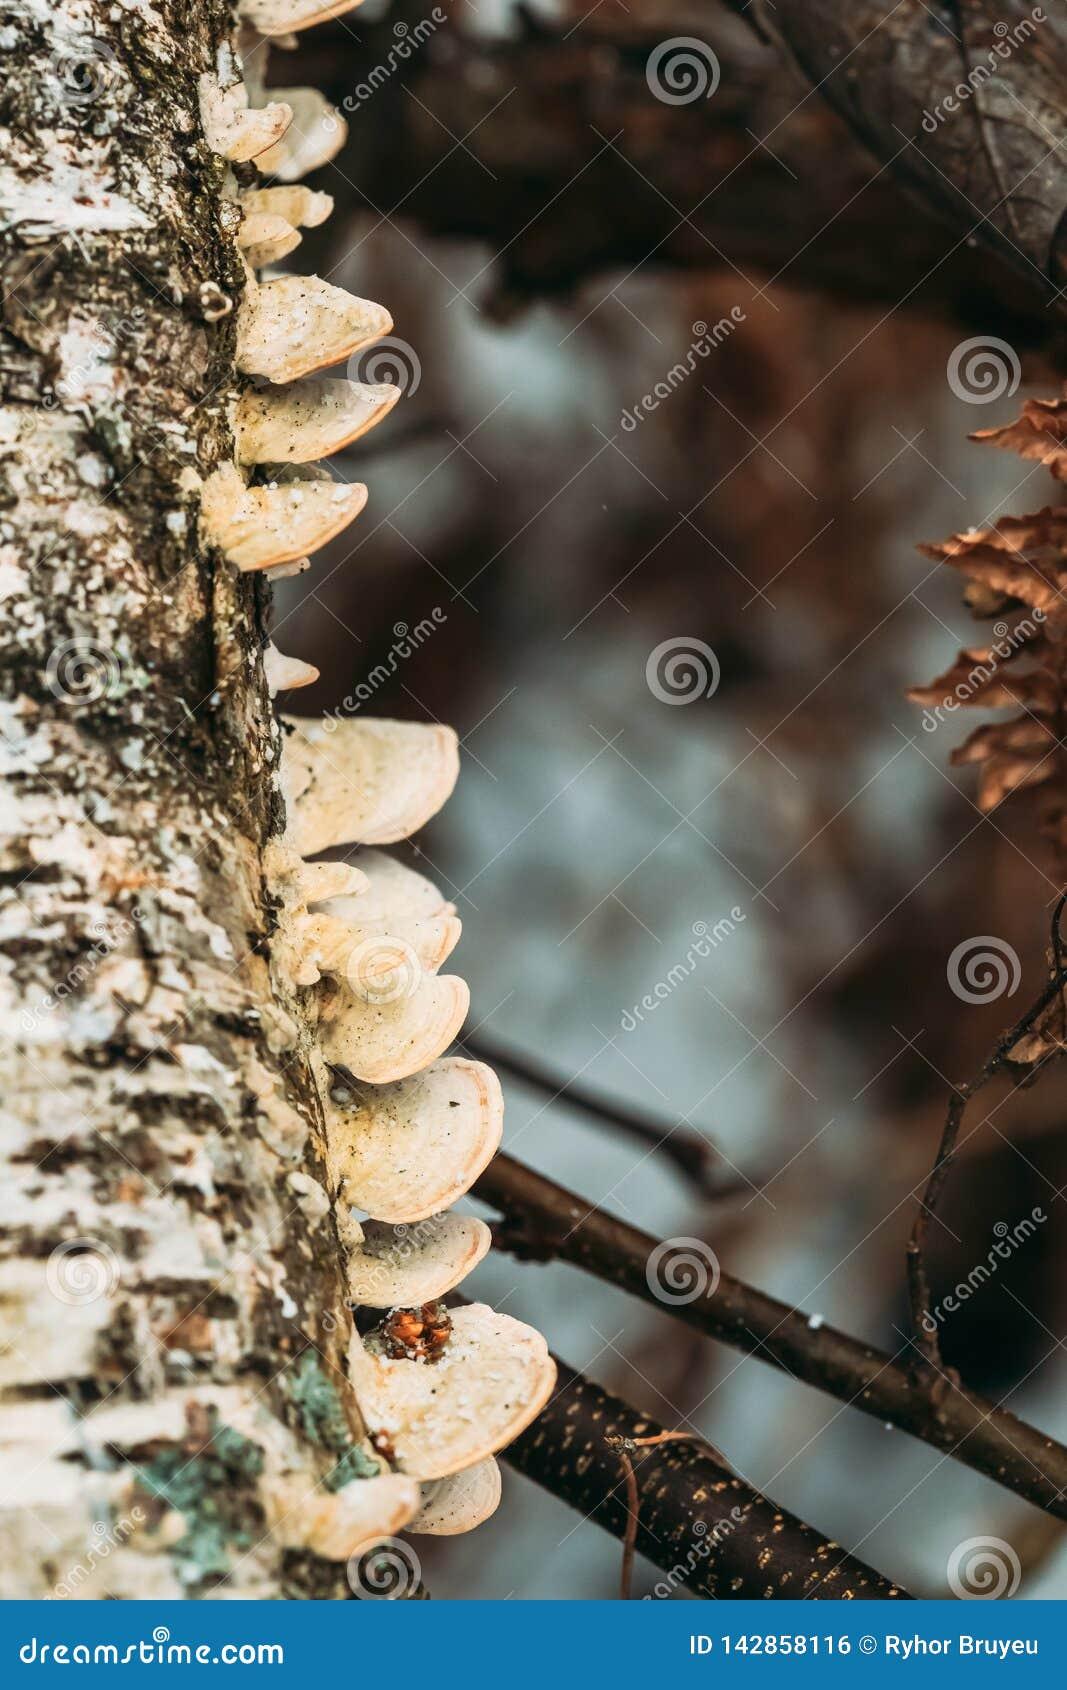 _ Polypore svamp på trädstammen i Autumn Rainy Day Konsolsvampar och deras Woody Fruiting Bodies Are Called